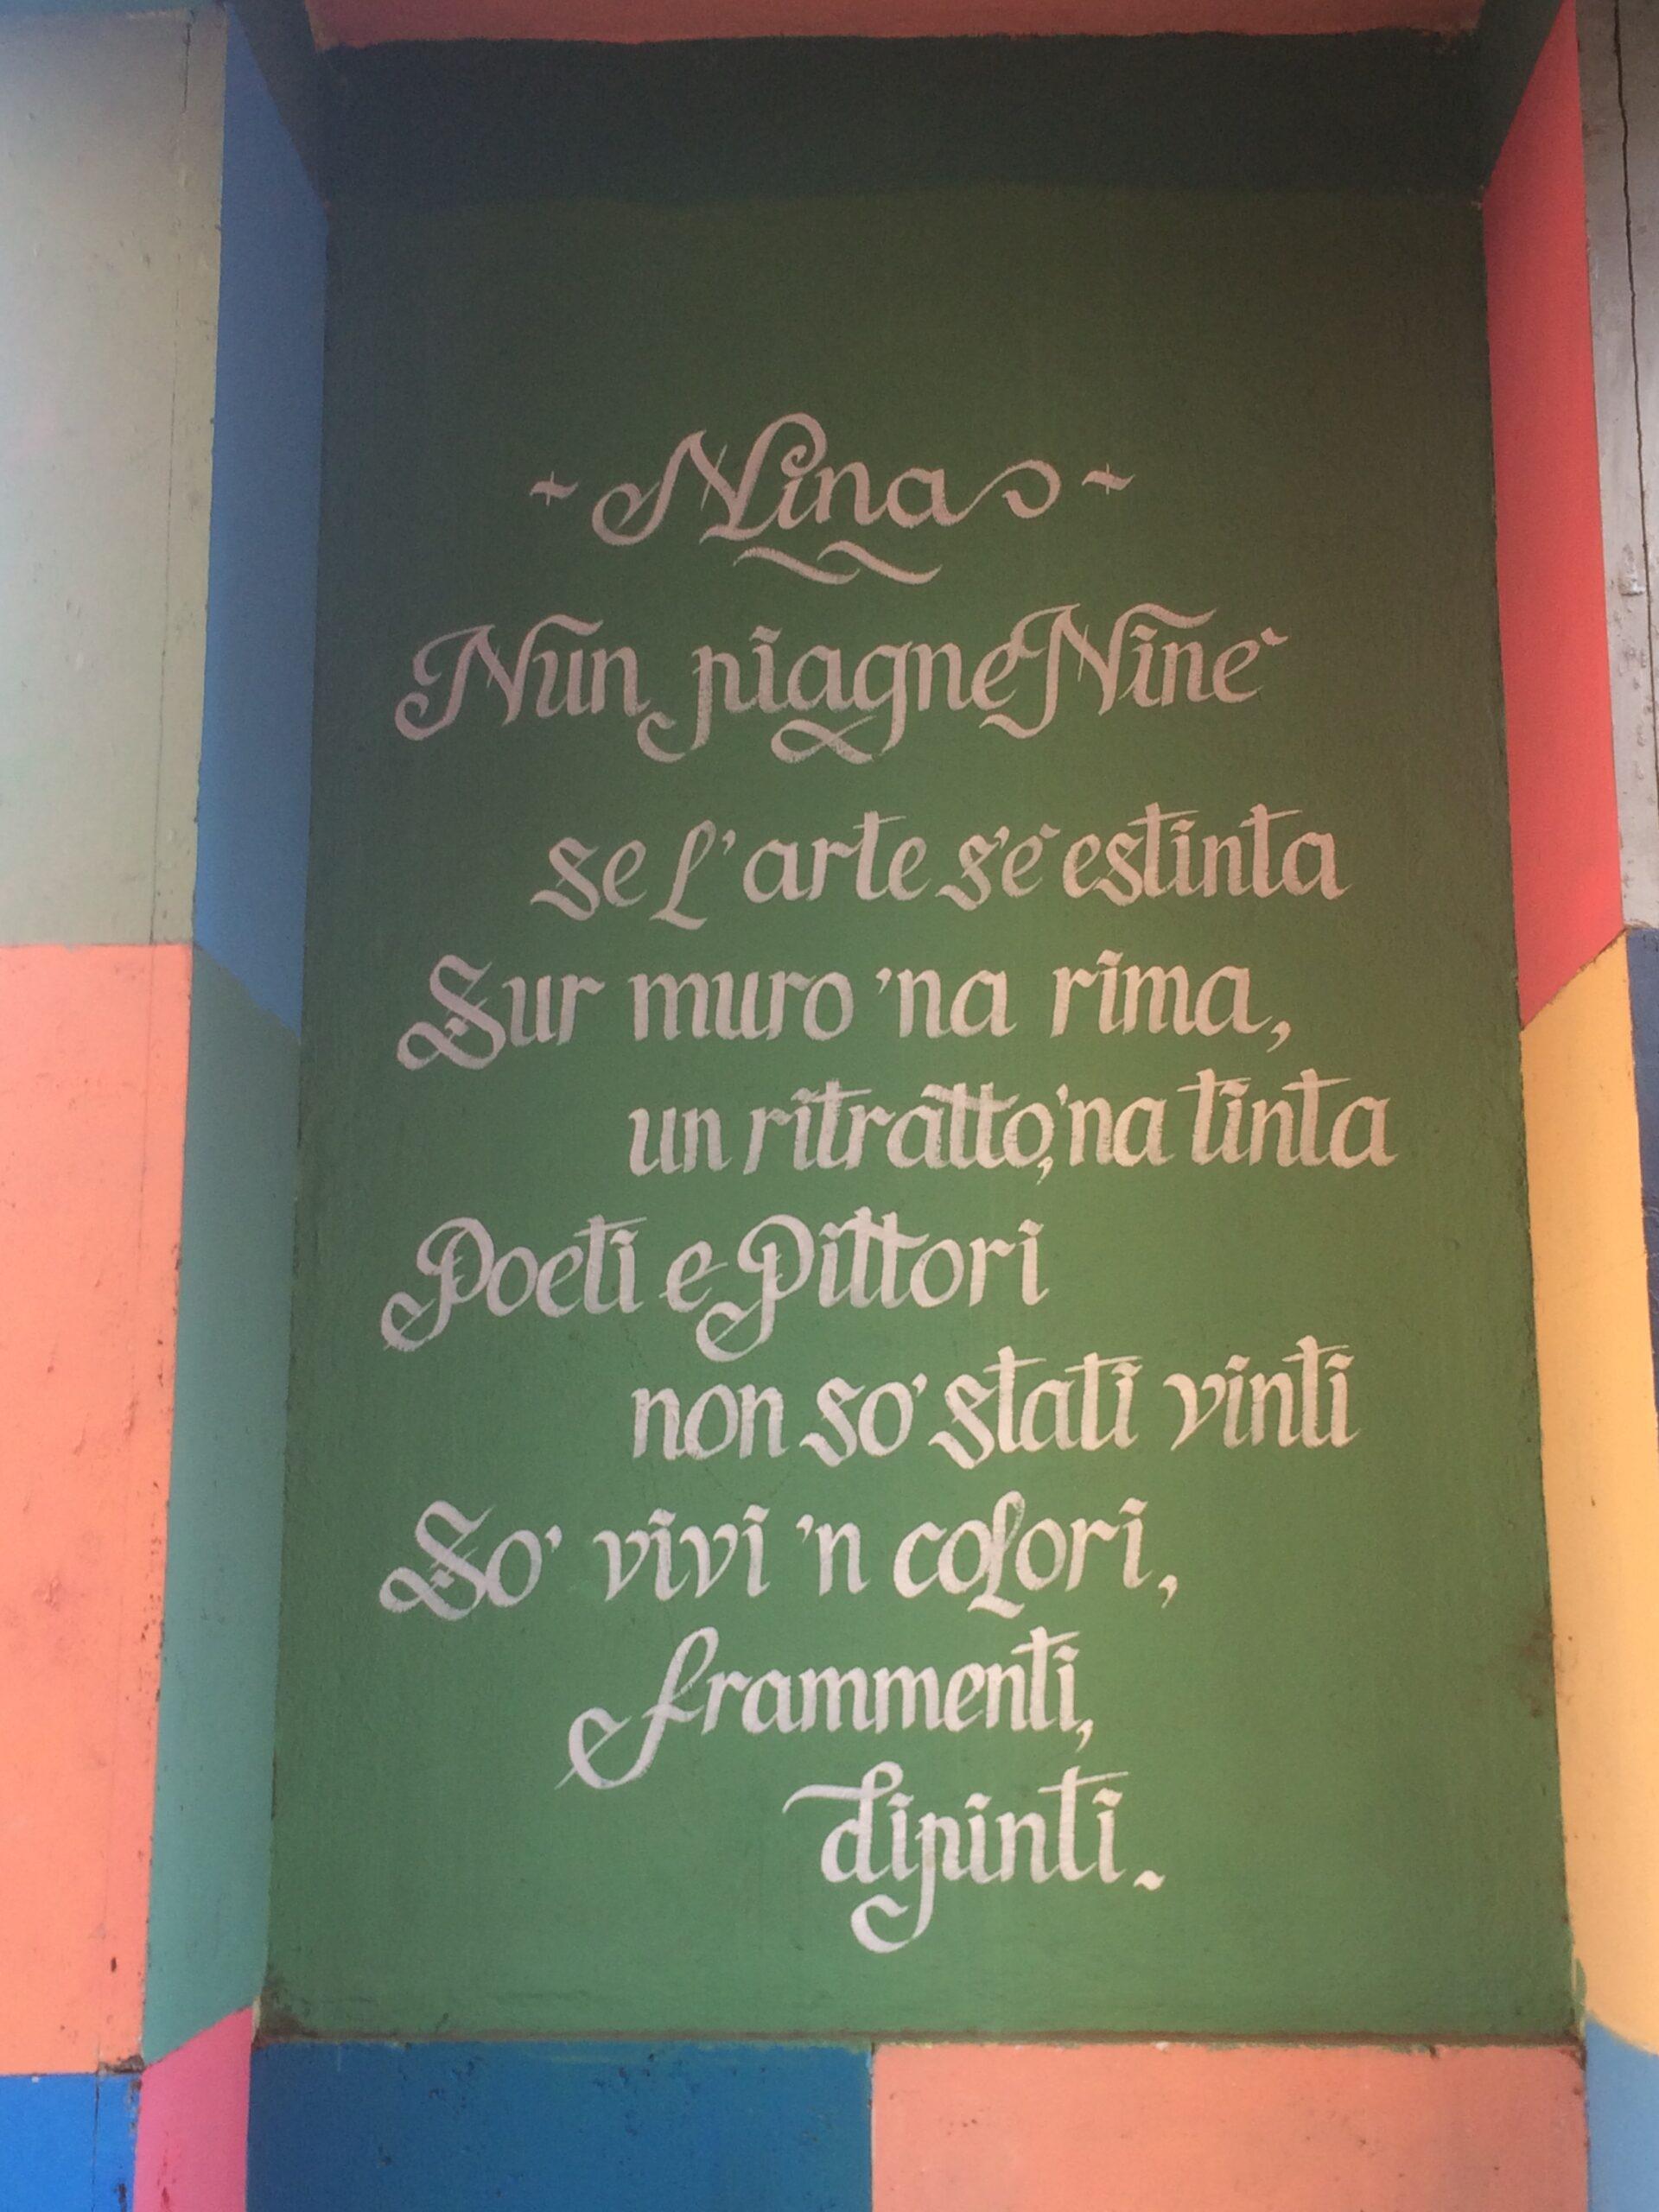 Poeti Anonimi del Trullo - P.A.T. - Pepsy, NINA, 2014